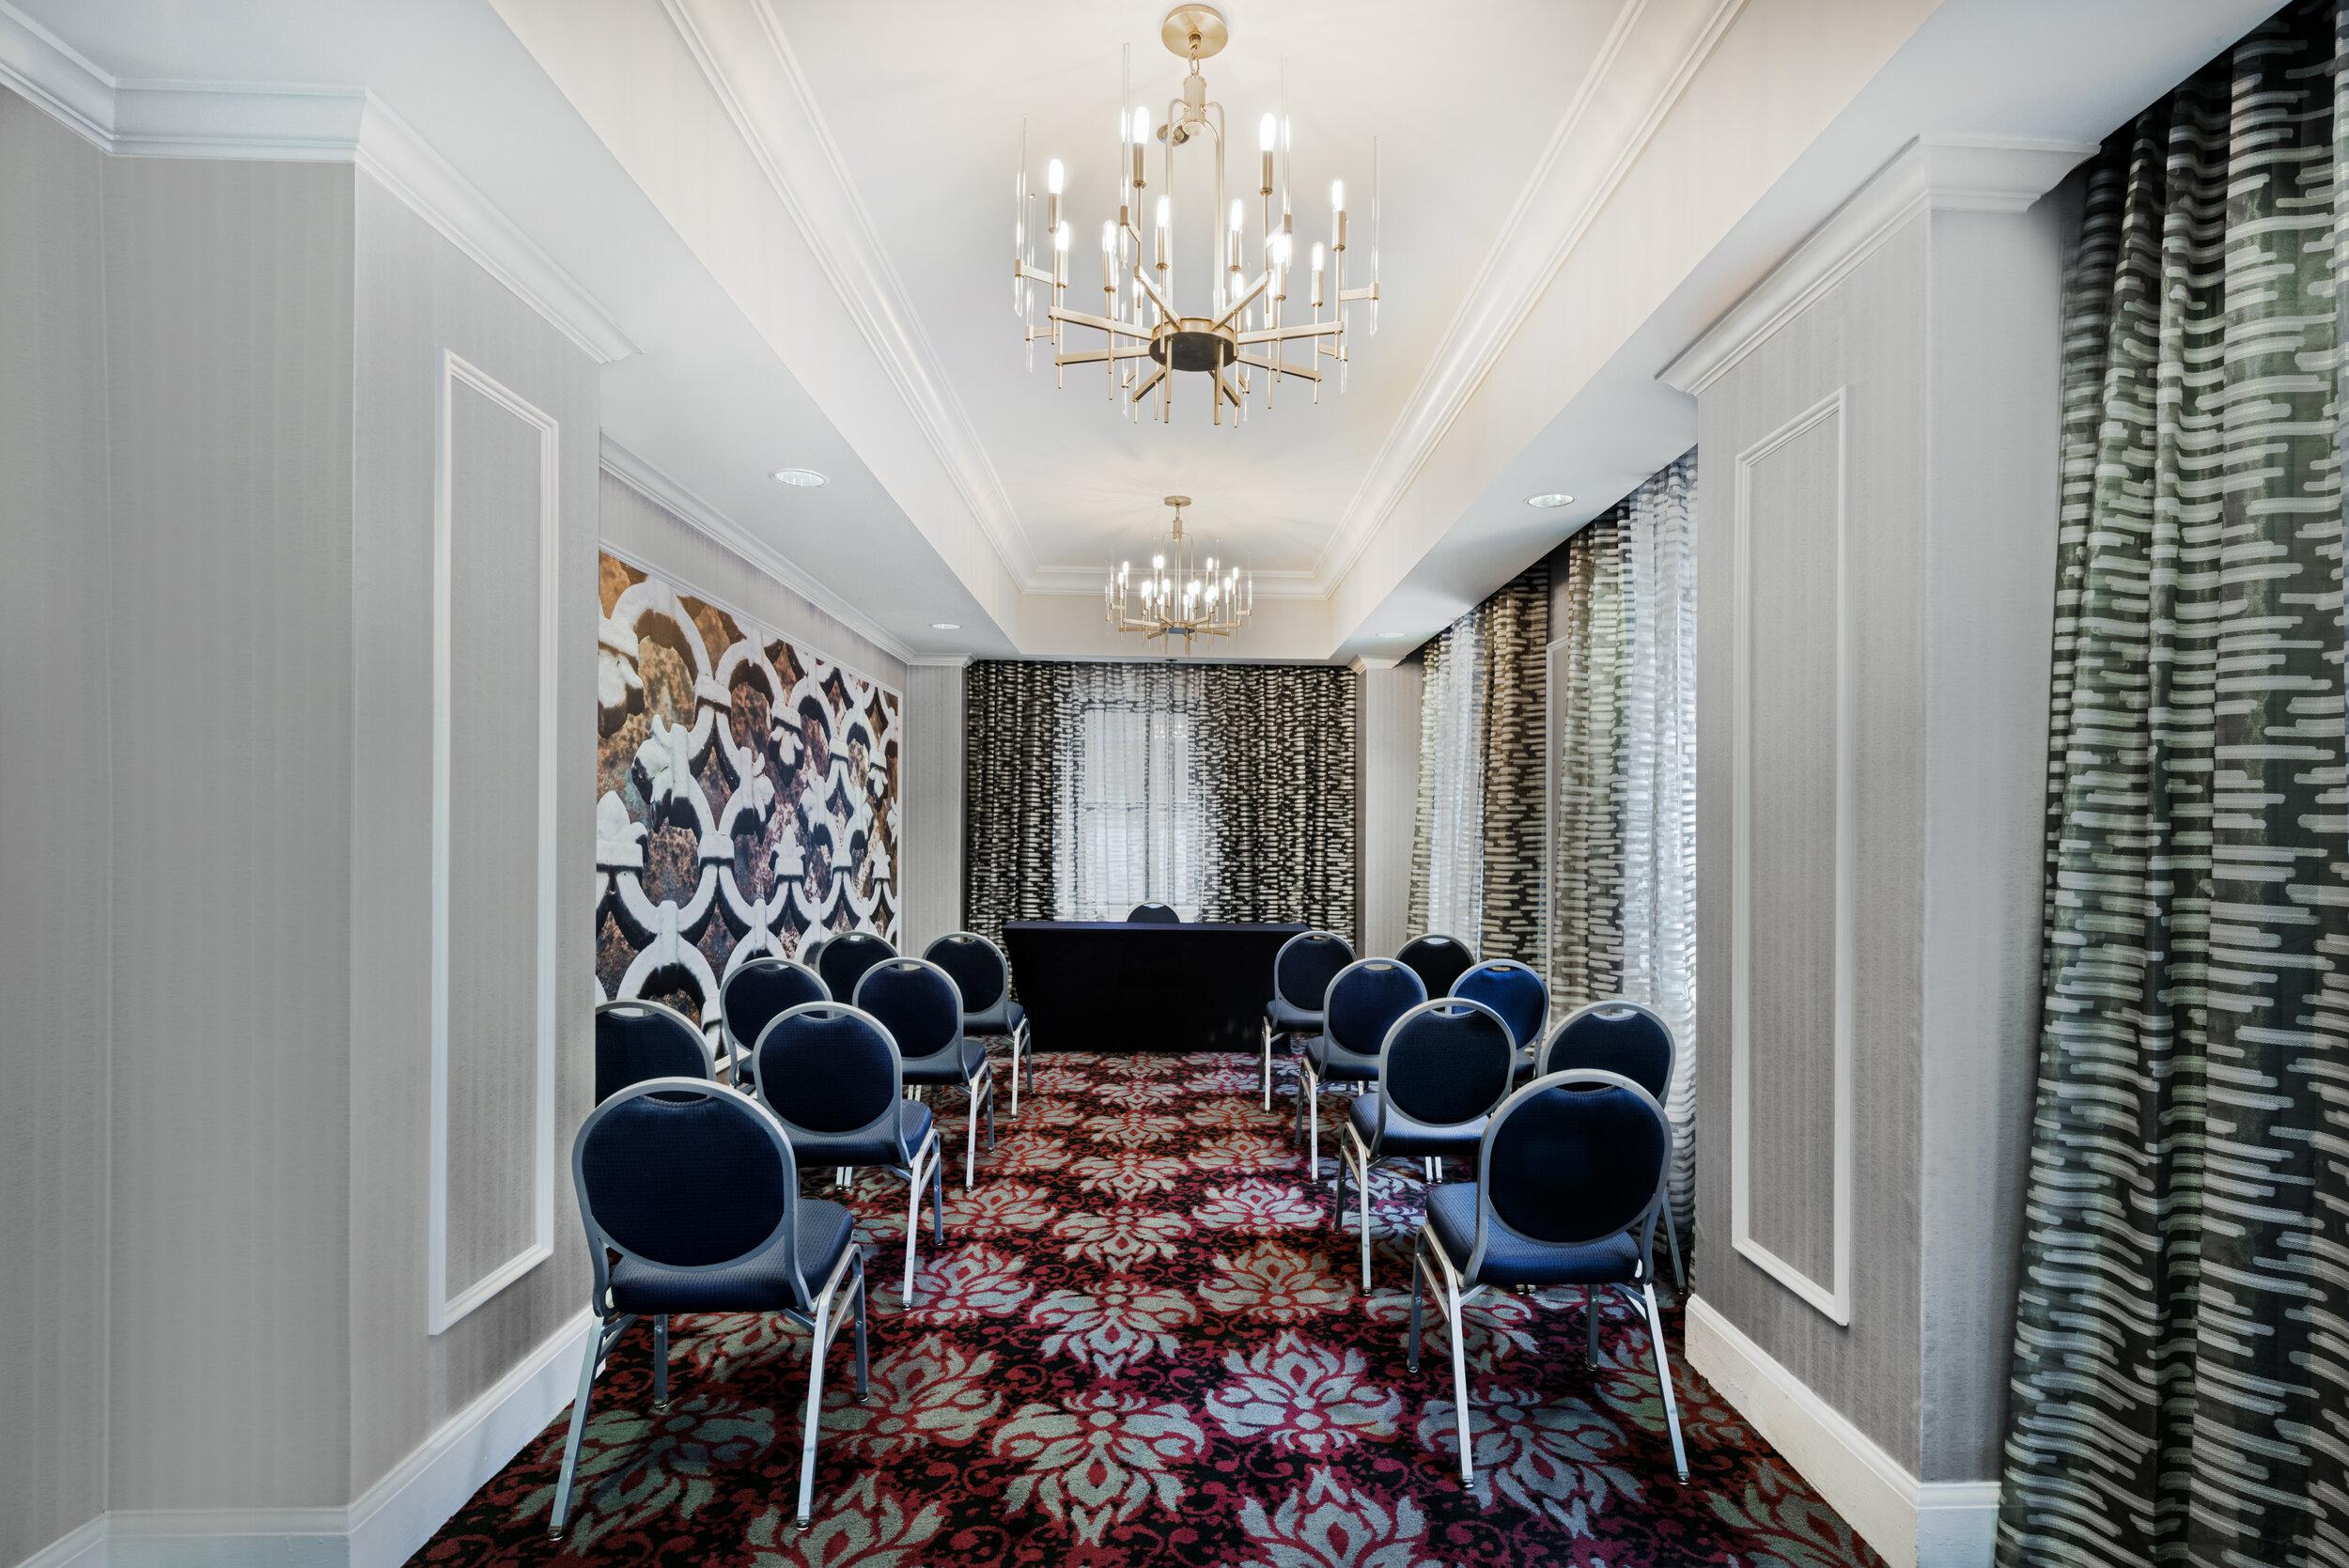 dalar-hotel-indigo-dallas-downtown-meeting-room-plaza.jpg